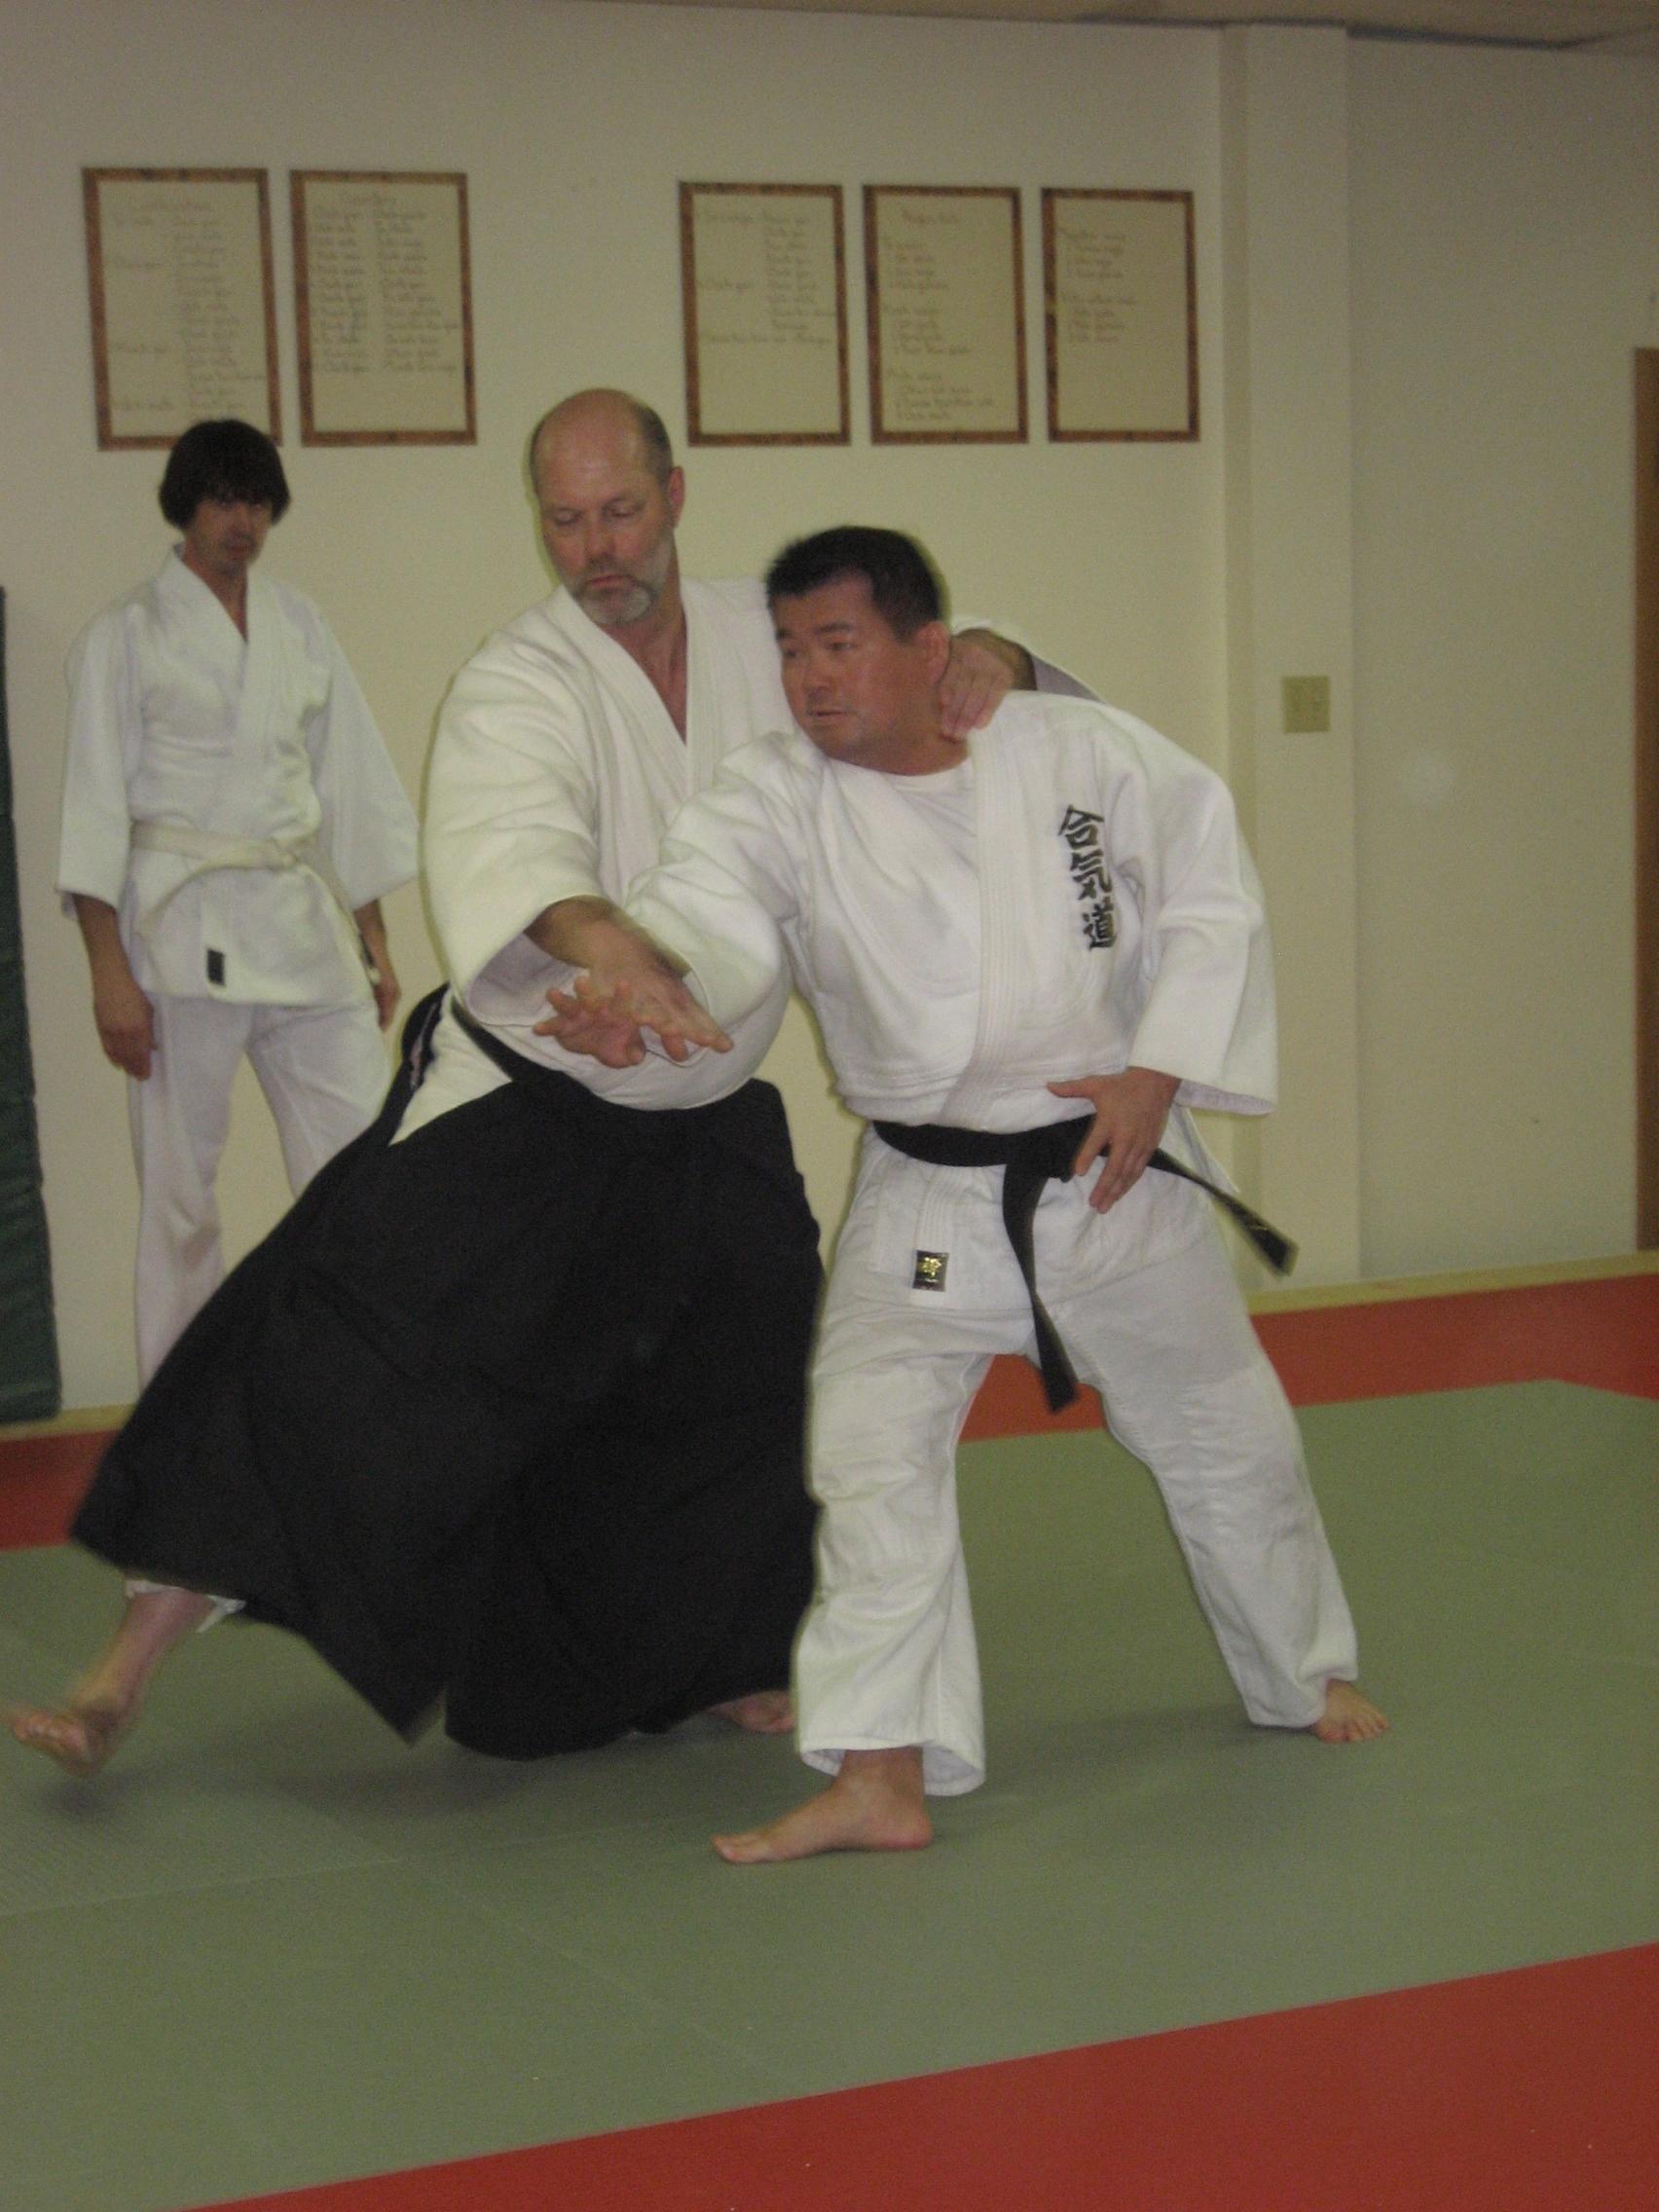 Mustard Sensei & Joe Yen